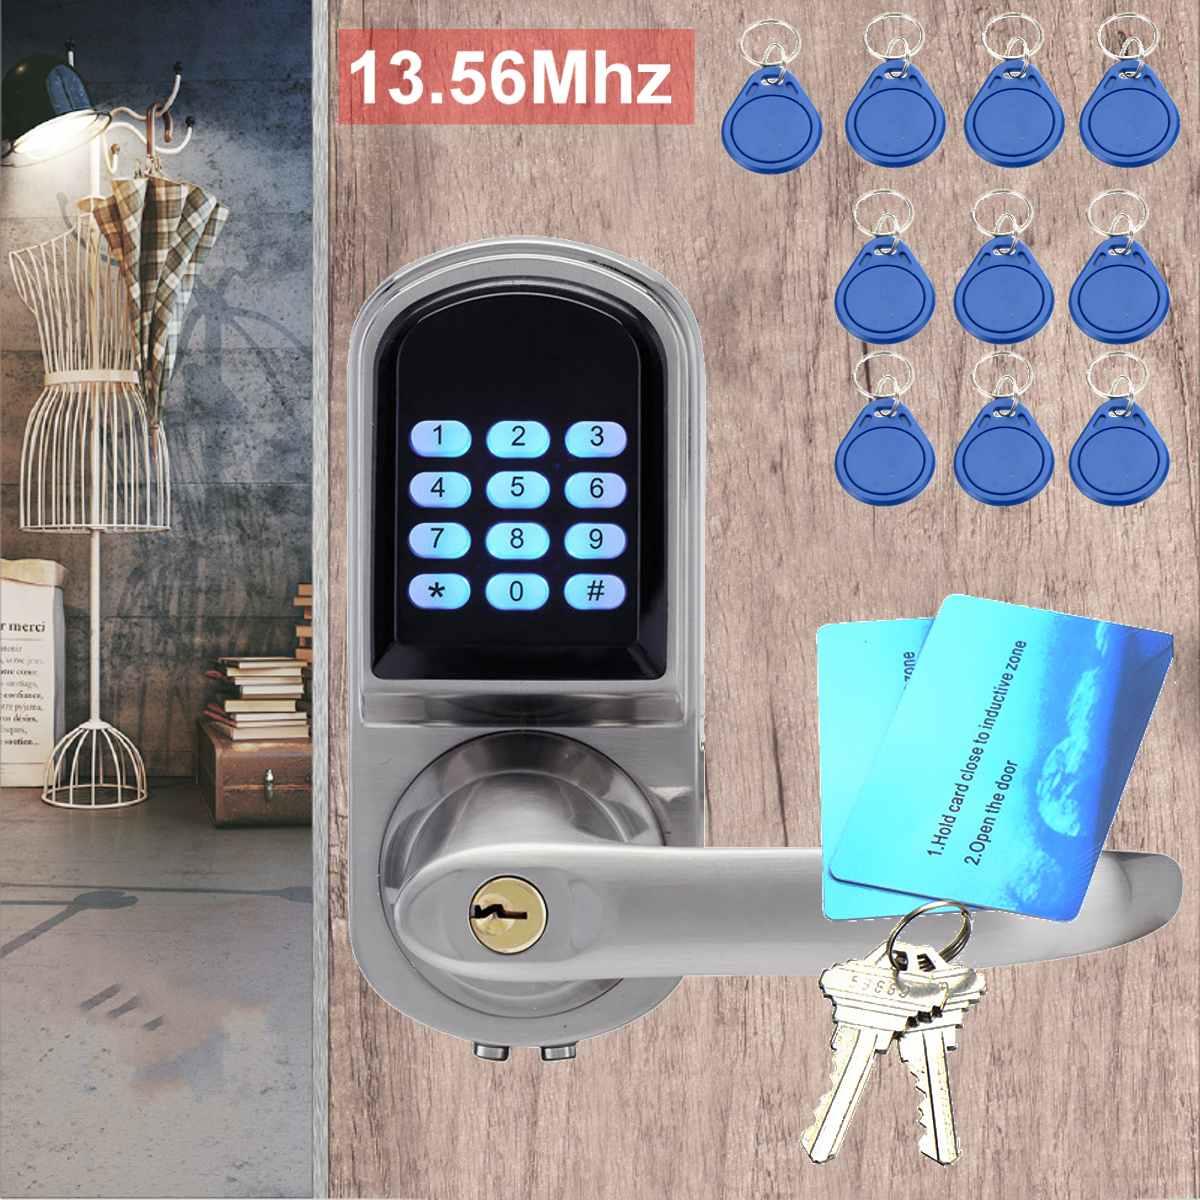 Sécurité électronique mot de passe numérique serrure de porte intelligente Code d'entrée de sécurité + clé + IC et RFID carte contrôle d'accès automatisation du bâtiment